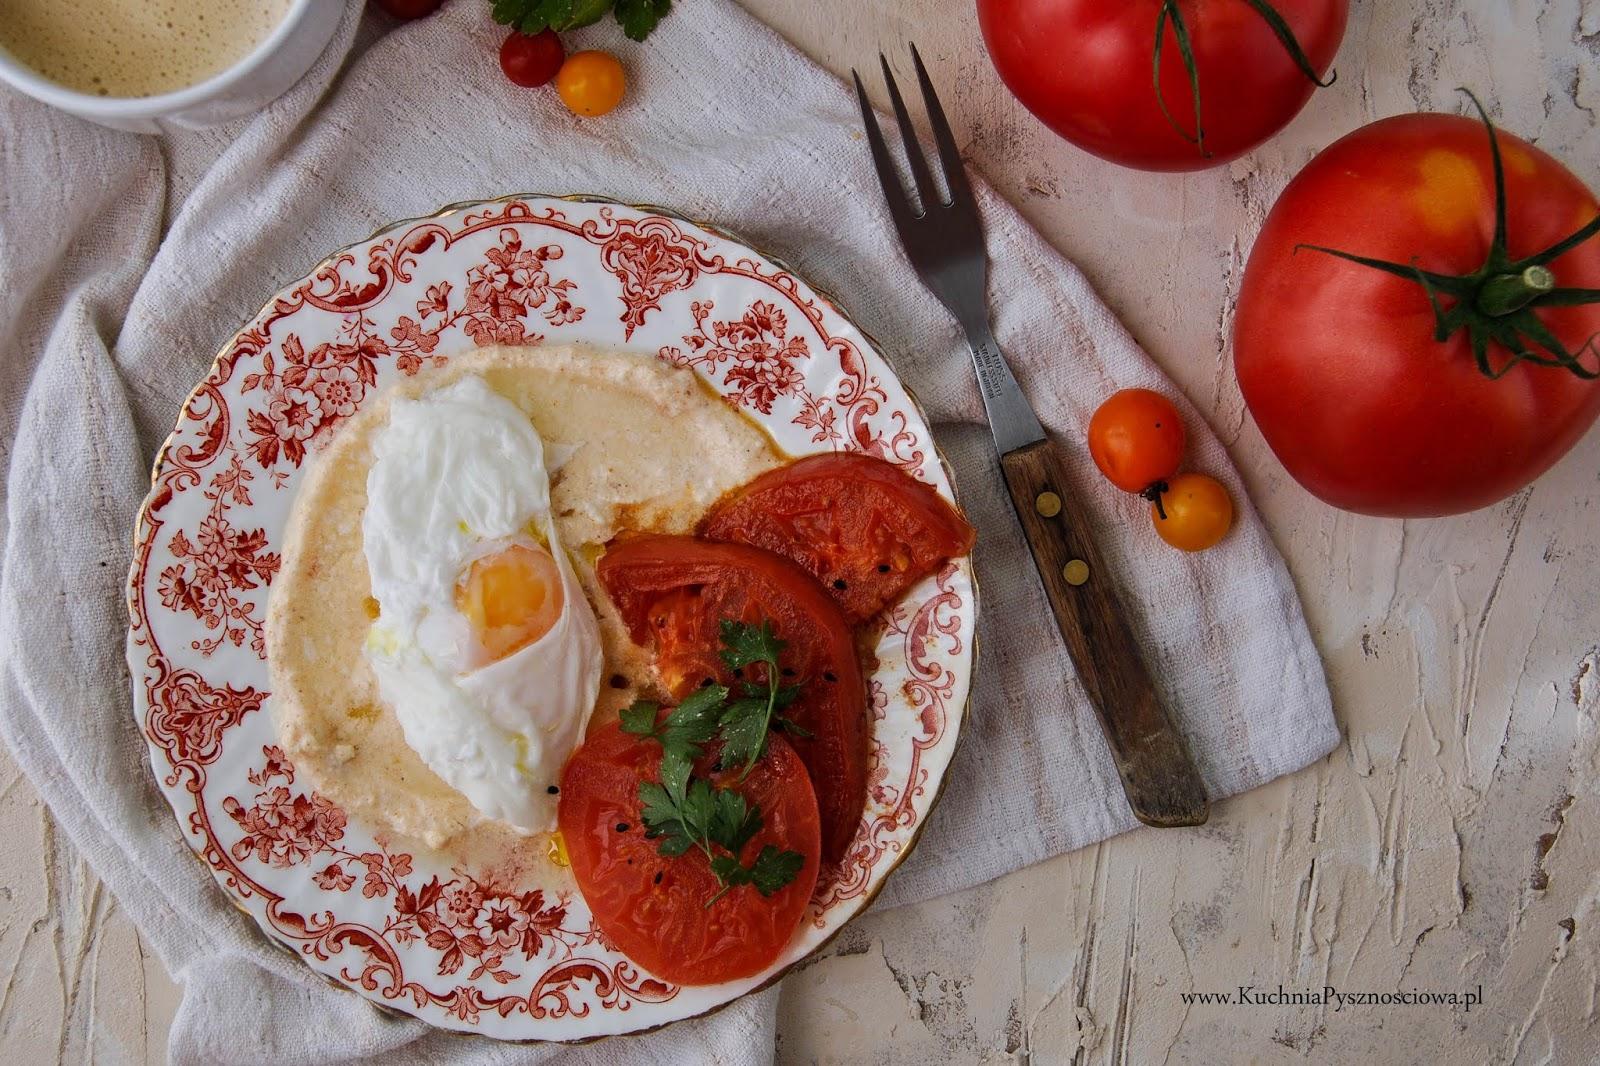 712. Jajka po turecku, z jogurtem i grillowanymi warzywami